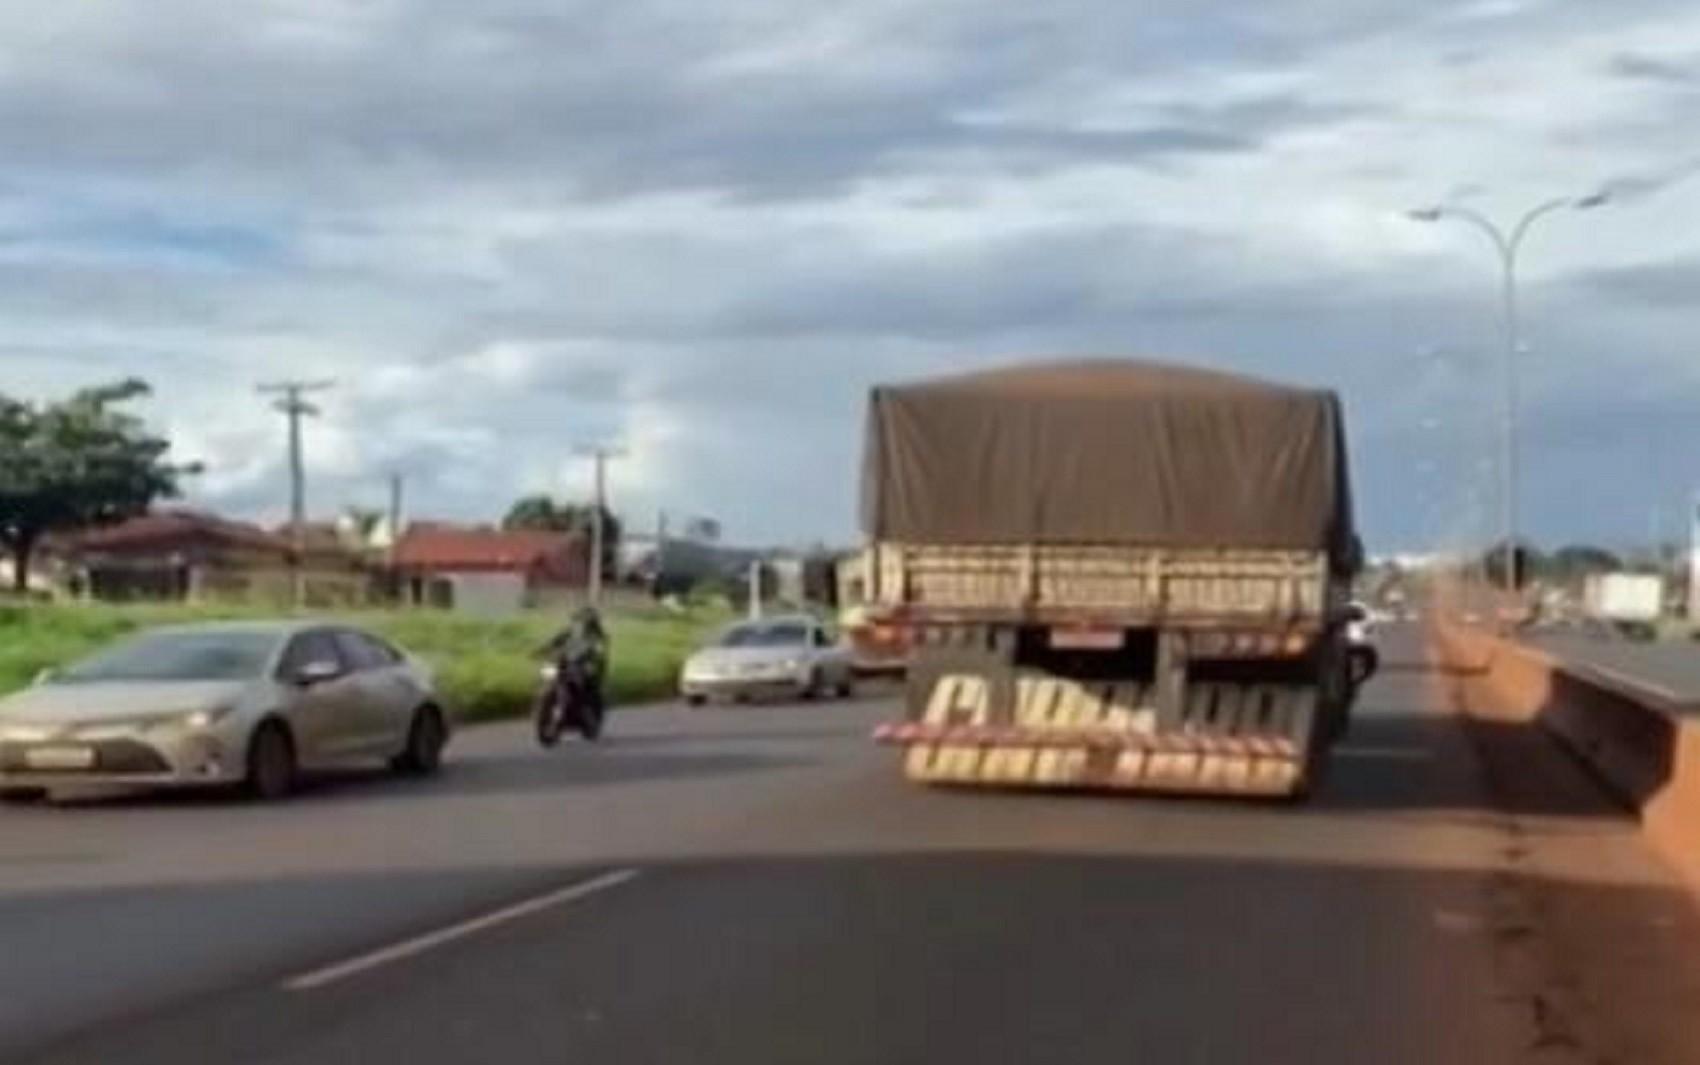 Caminhoneiro é filmado dirigindo bêbado e na contramão da BR-060, diz polícia